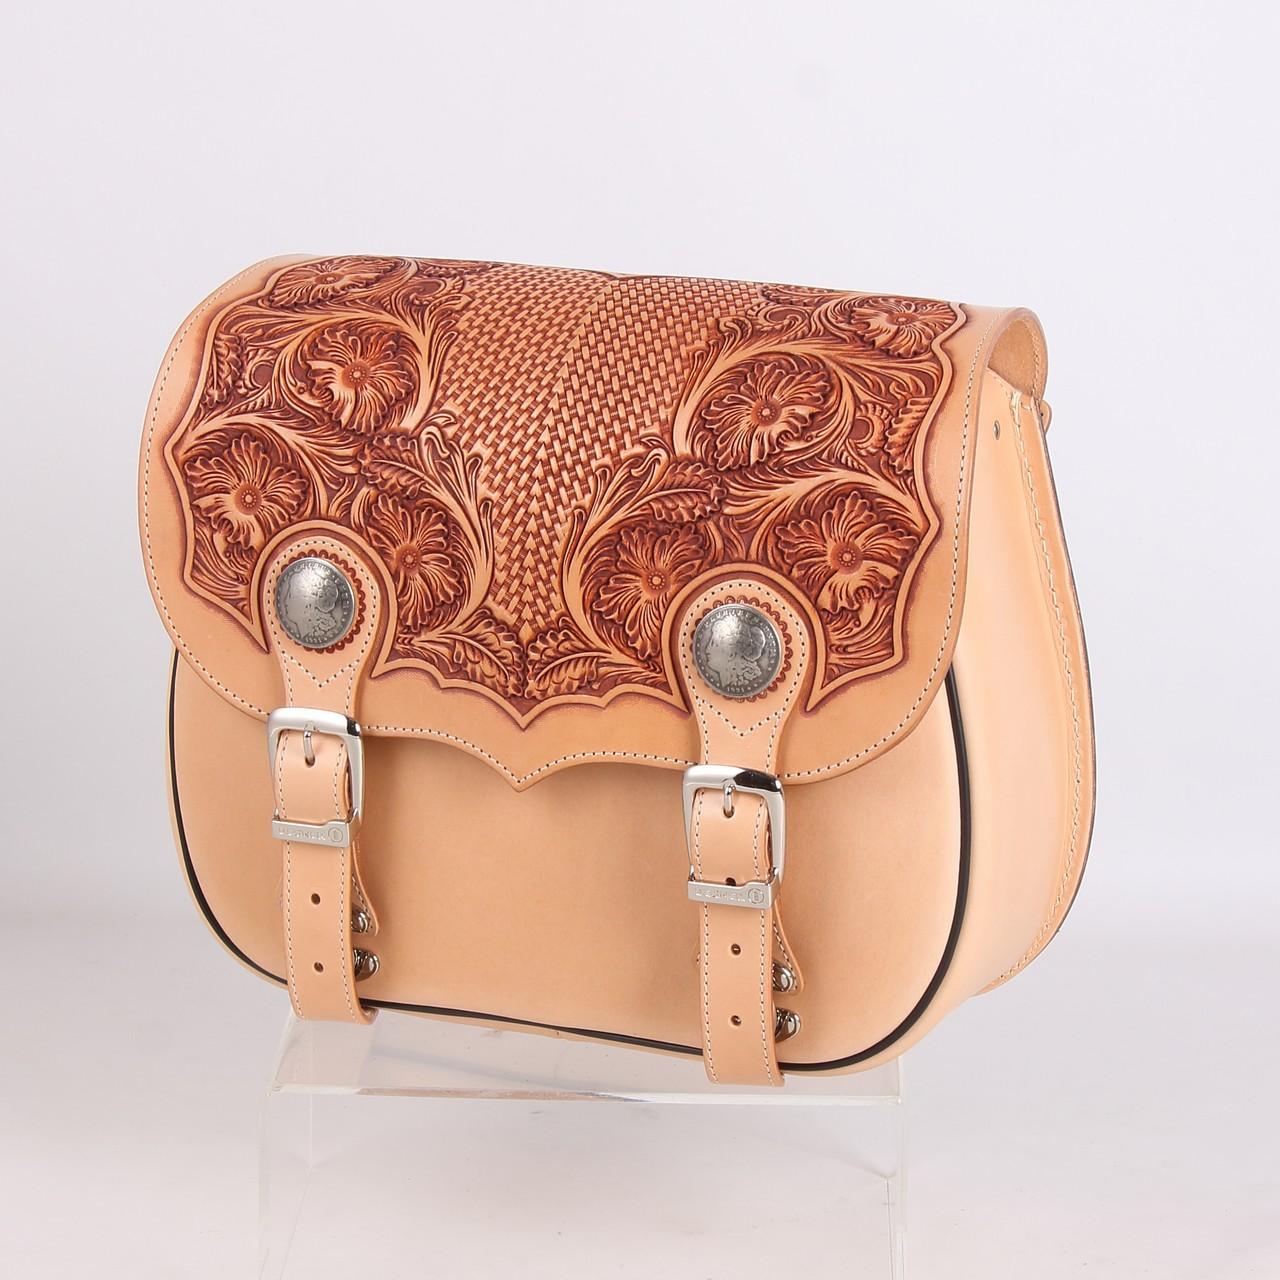 【DEGNER】皮革雕花馬鞍包 - 「Webike-摩托百貨」